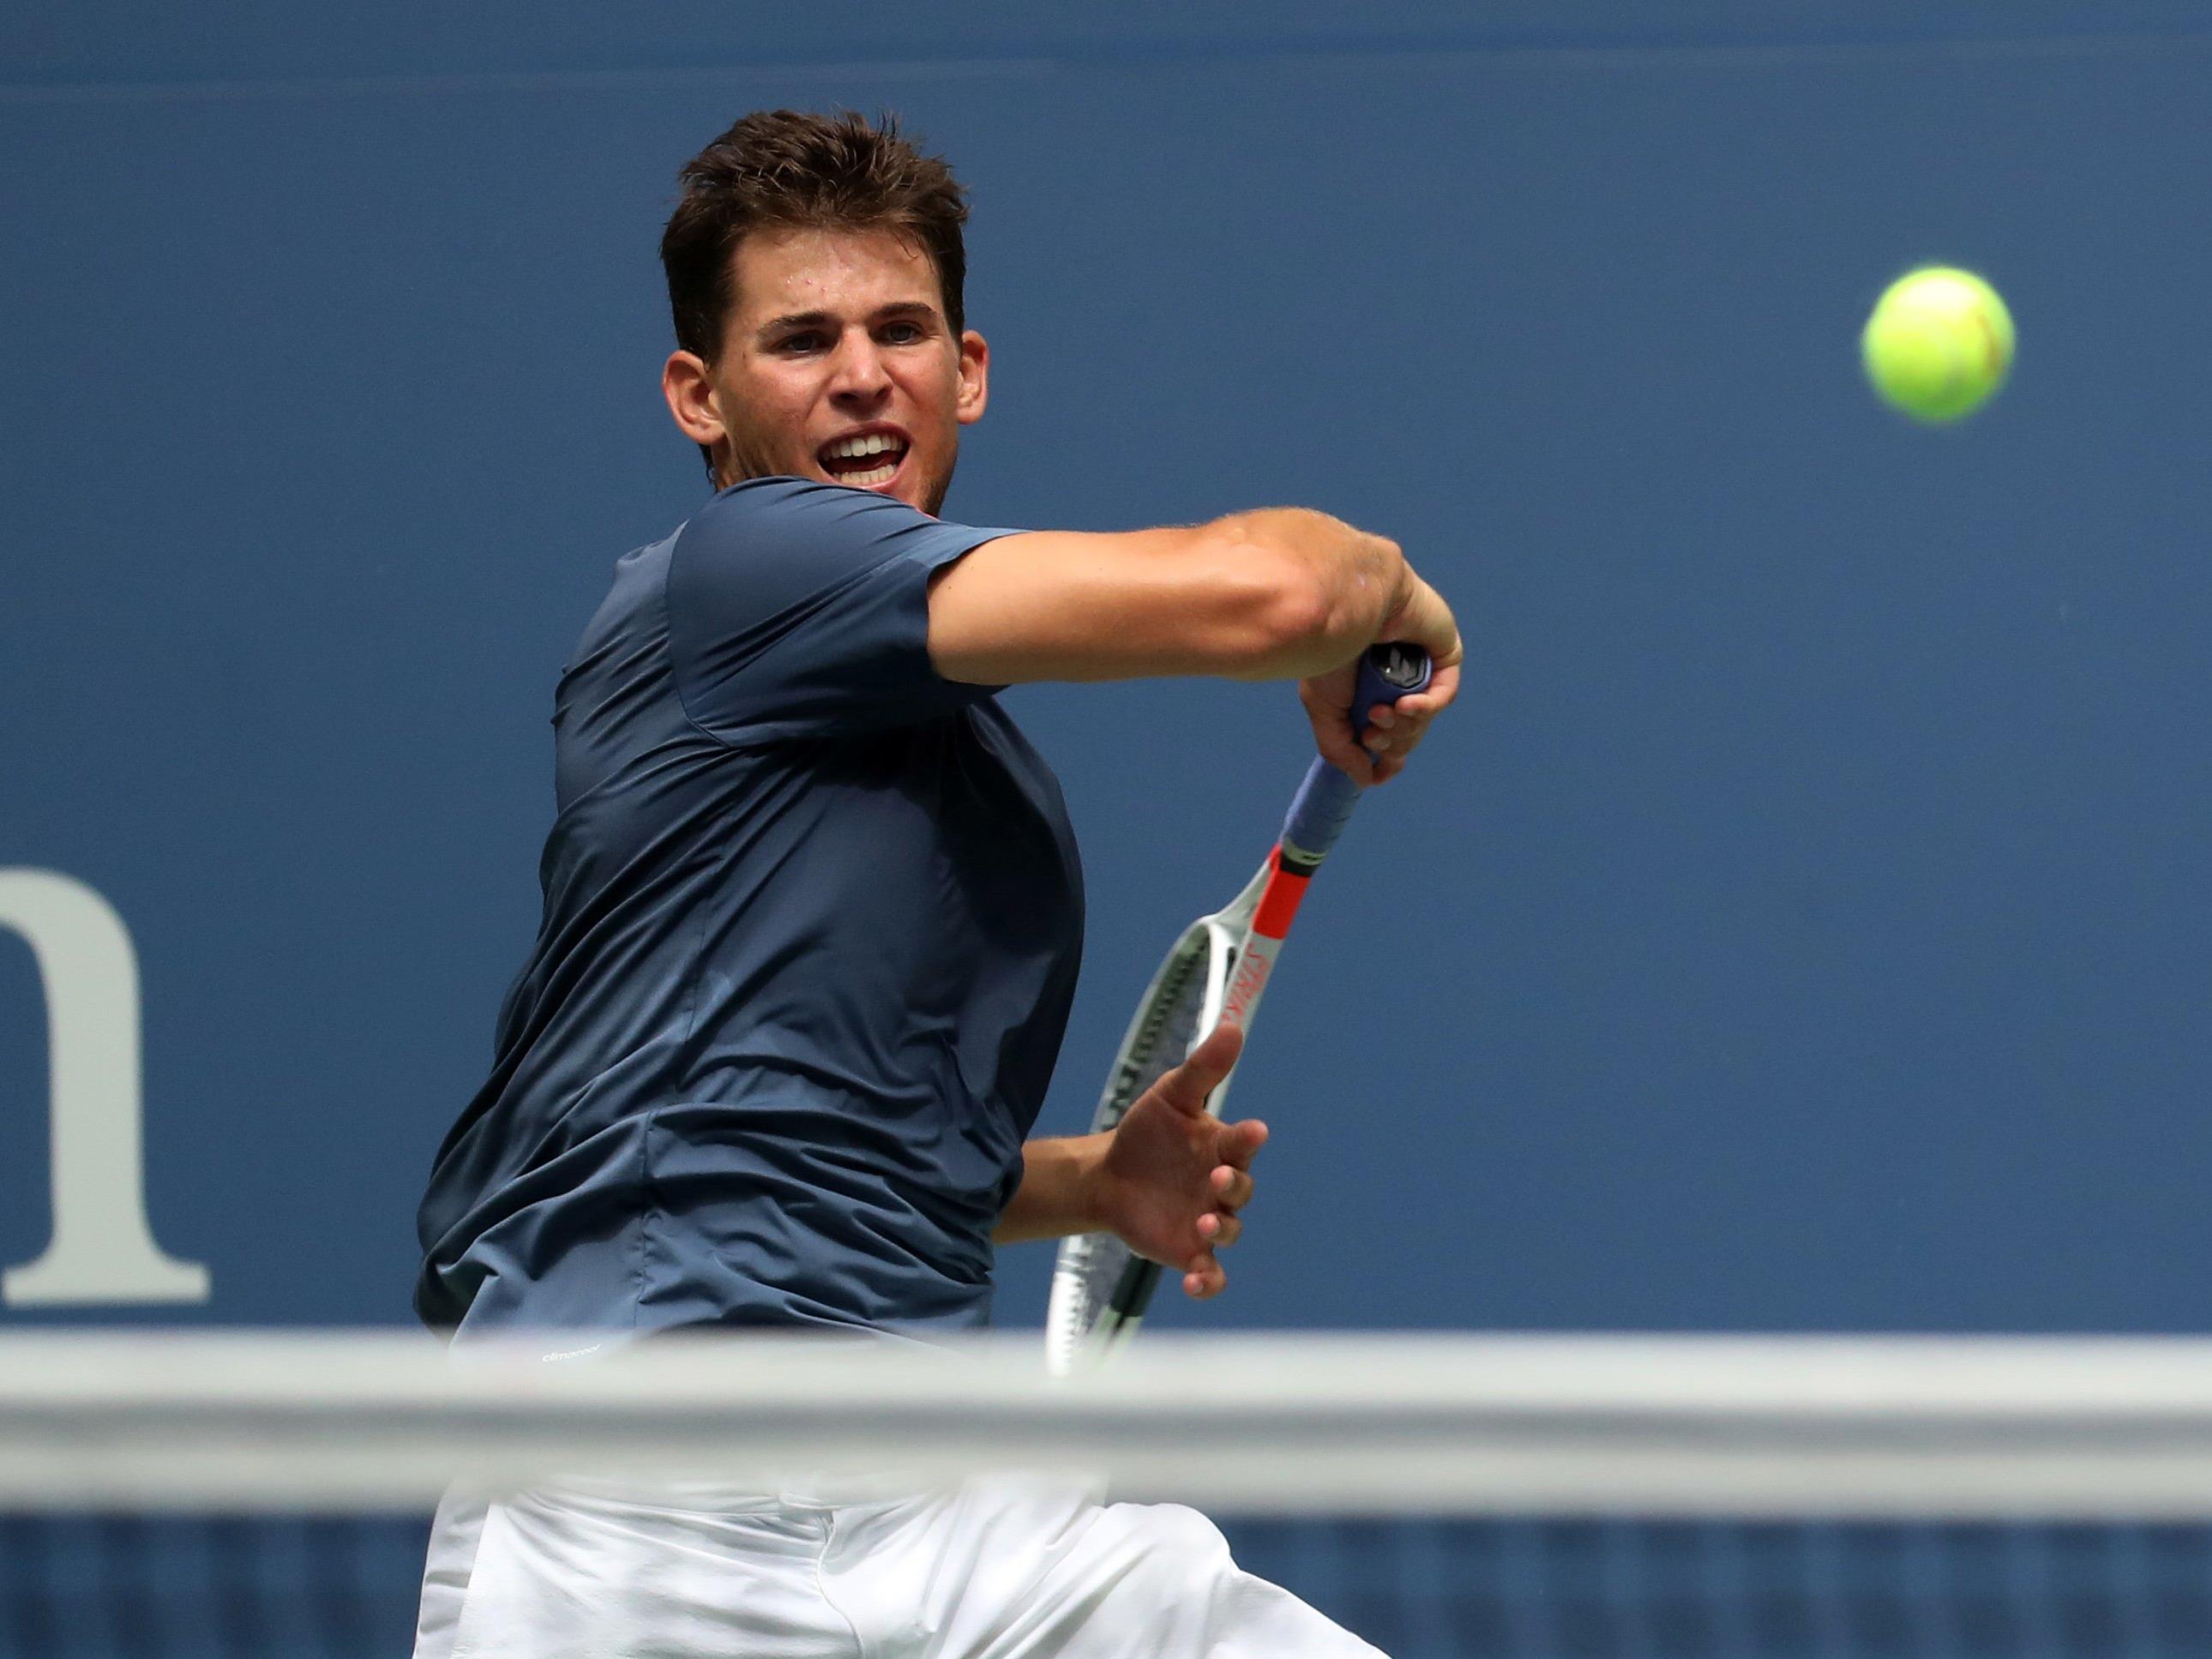 Dominic Thiem erreichte im französischen Metz sein erstes Hallen-Finale.